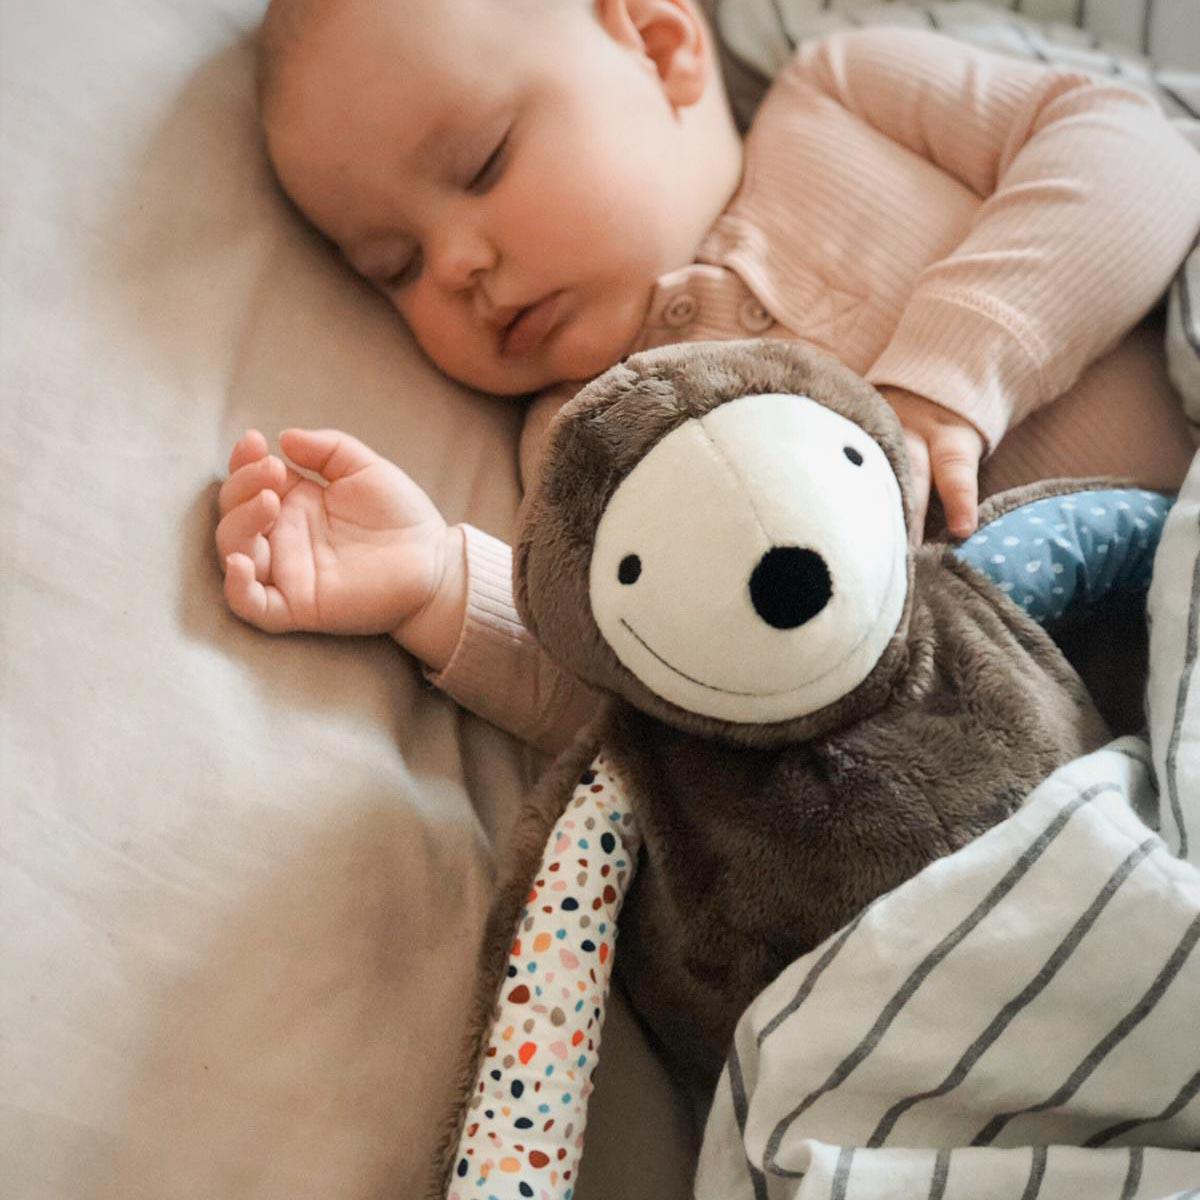 Ile powinien spać maluch?